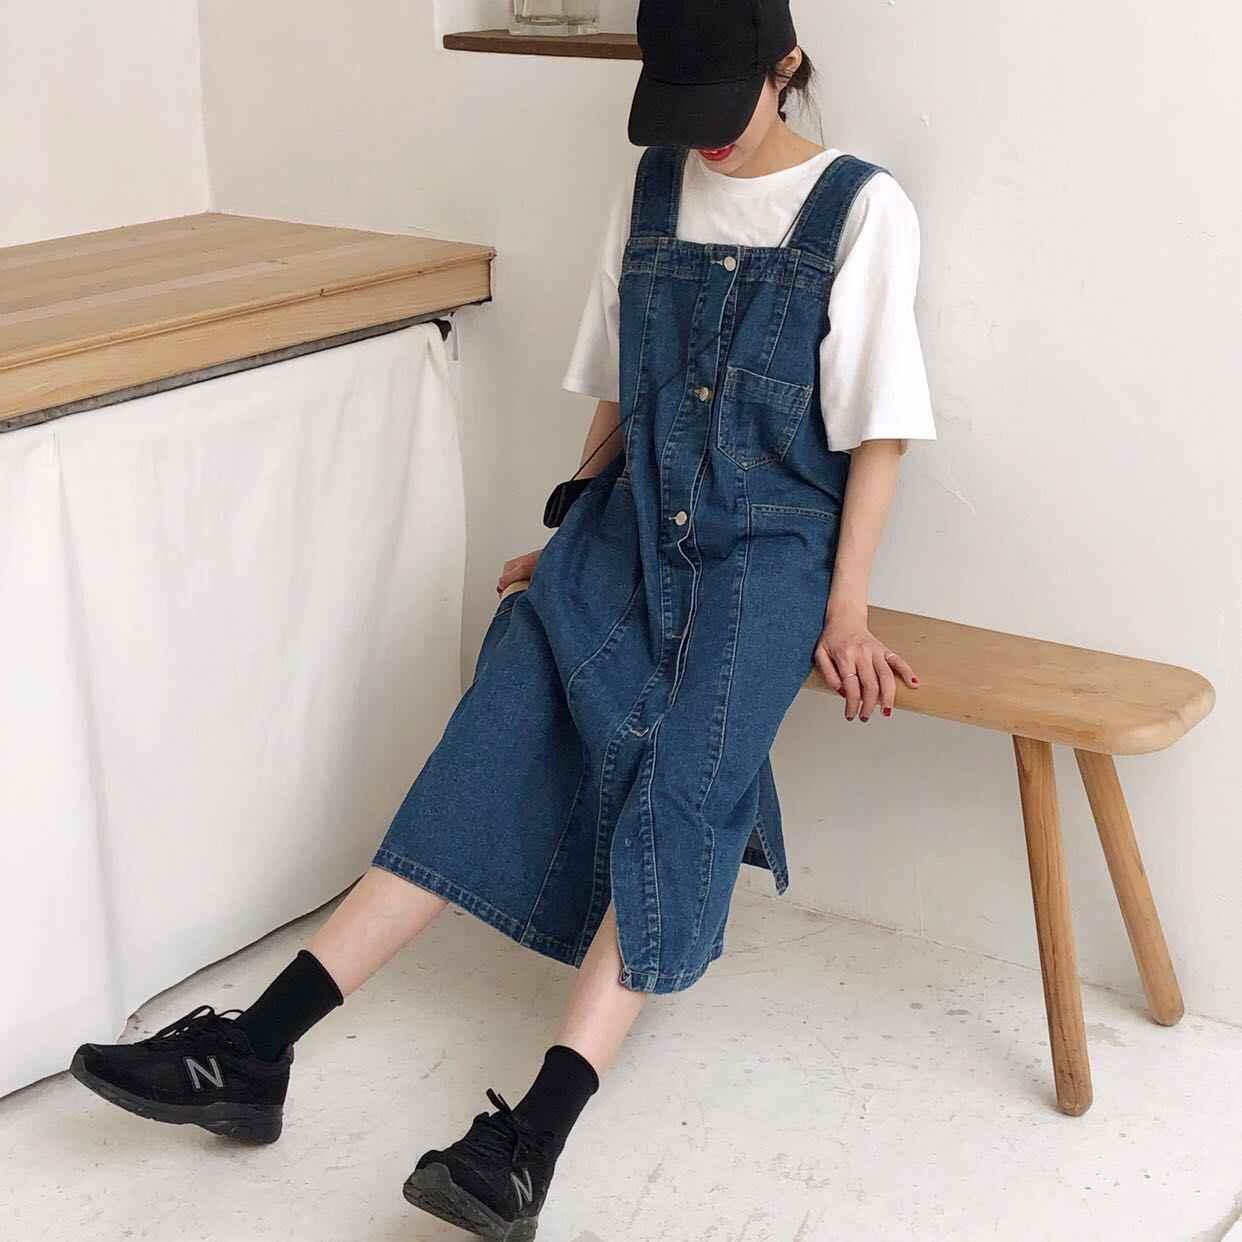 SuperAen/модные женские комплекты; Новинка 2019 года; летняя Однотонная футболка с короткими рукавами; повседневное джинсовое платье без рукавов